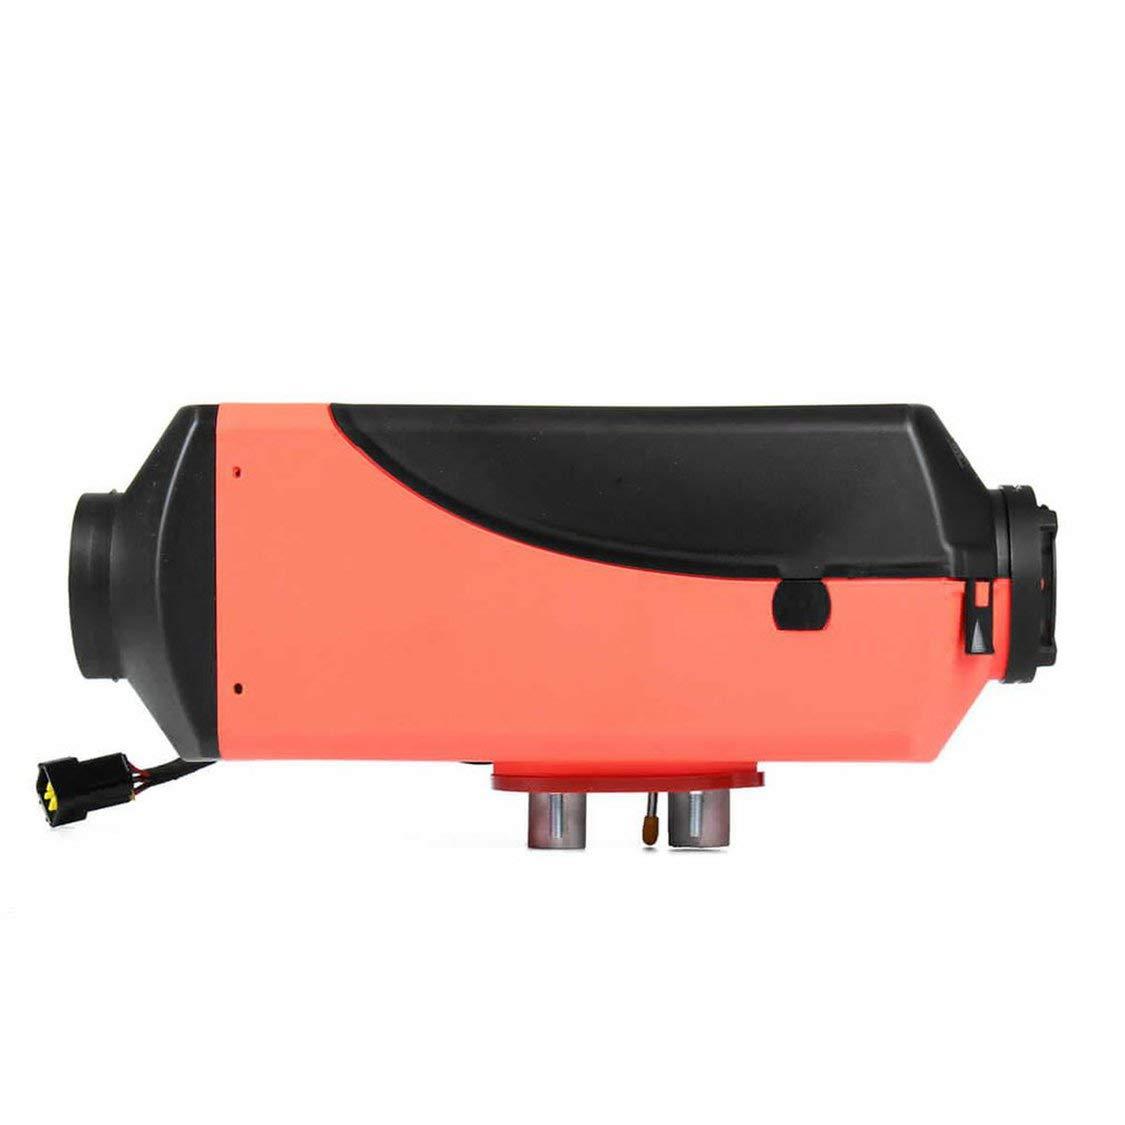 12v LCD Simple con silenciador Remoto Controlador de Aire Diesel Combo Accesorios Esenciales Gwendoll 8kw